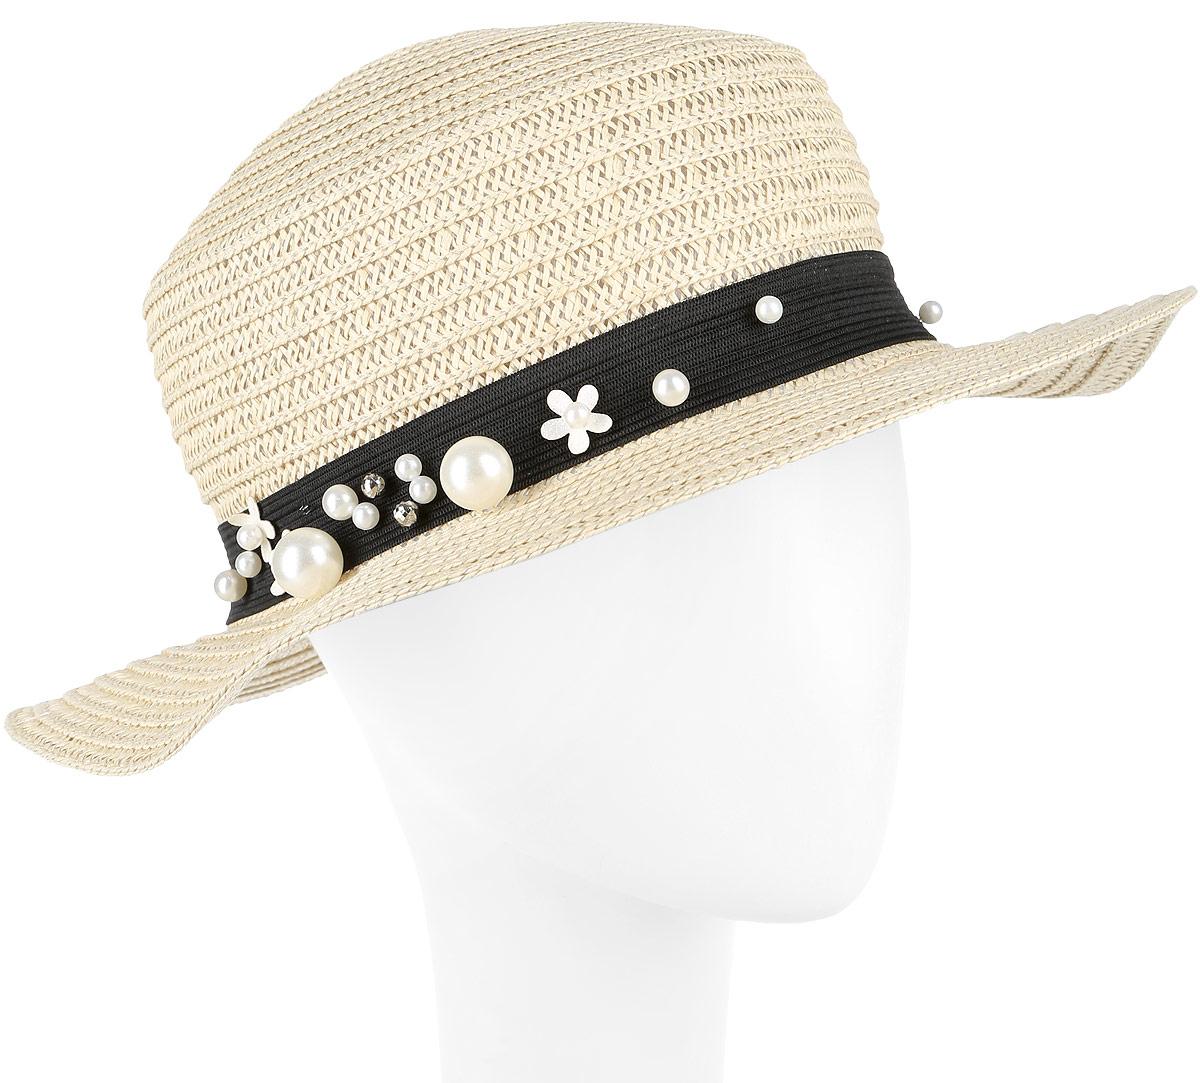 Шляпа женская Fabretti, цвет: бежевый. GL45-3. Размер универсальныйGL45-3 BEIGEСтильная шляпа от Fabretti для пляжного отдыха и прогулок в солнечные дни.